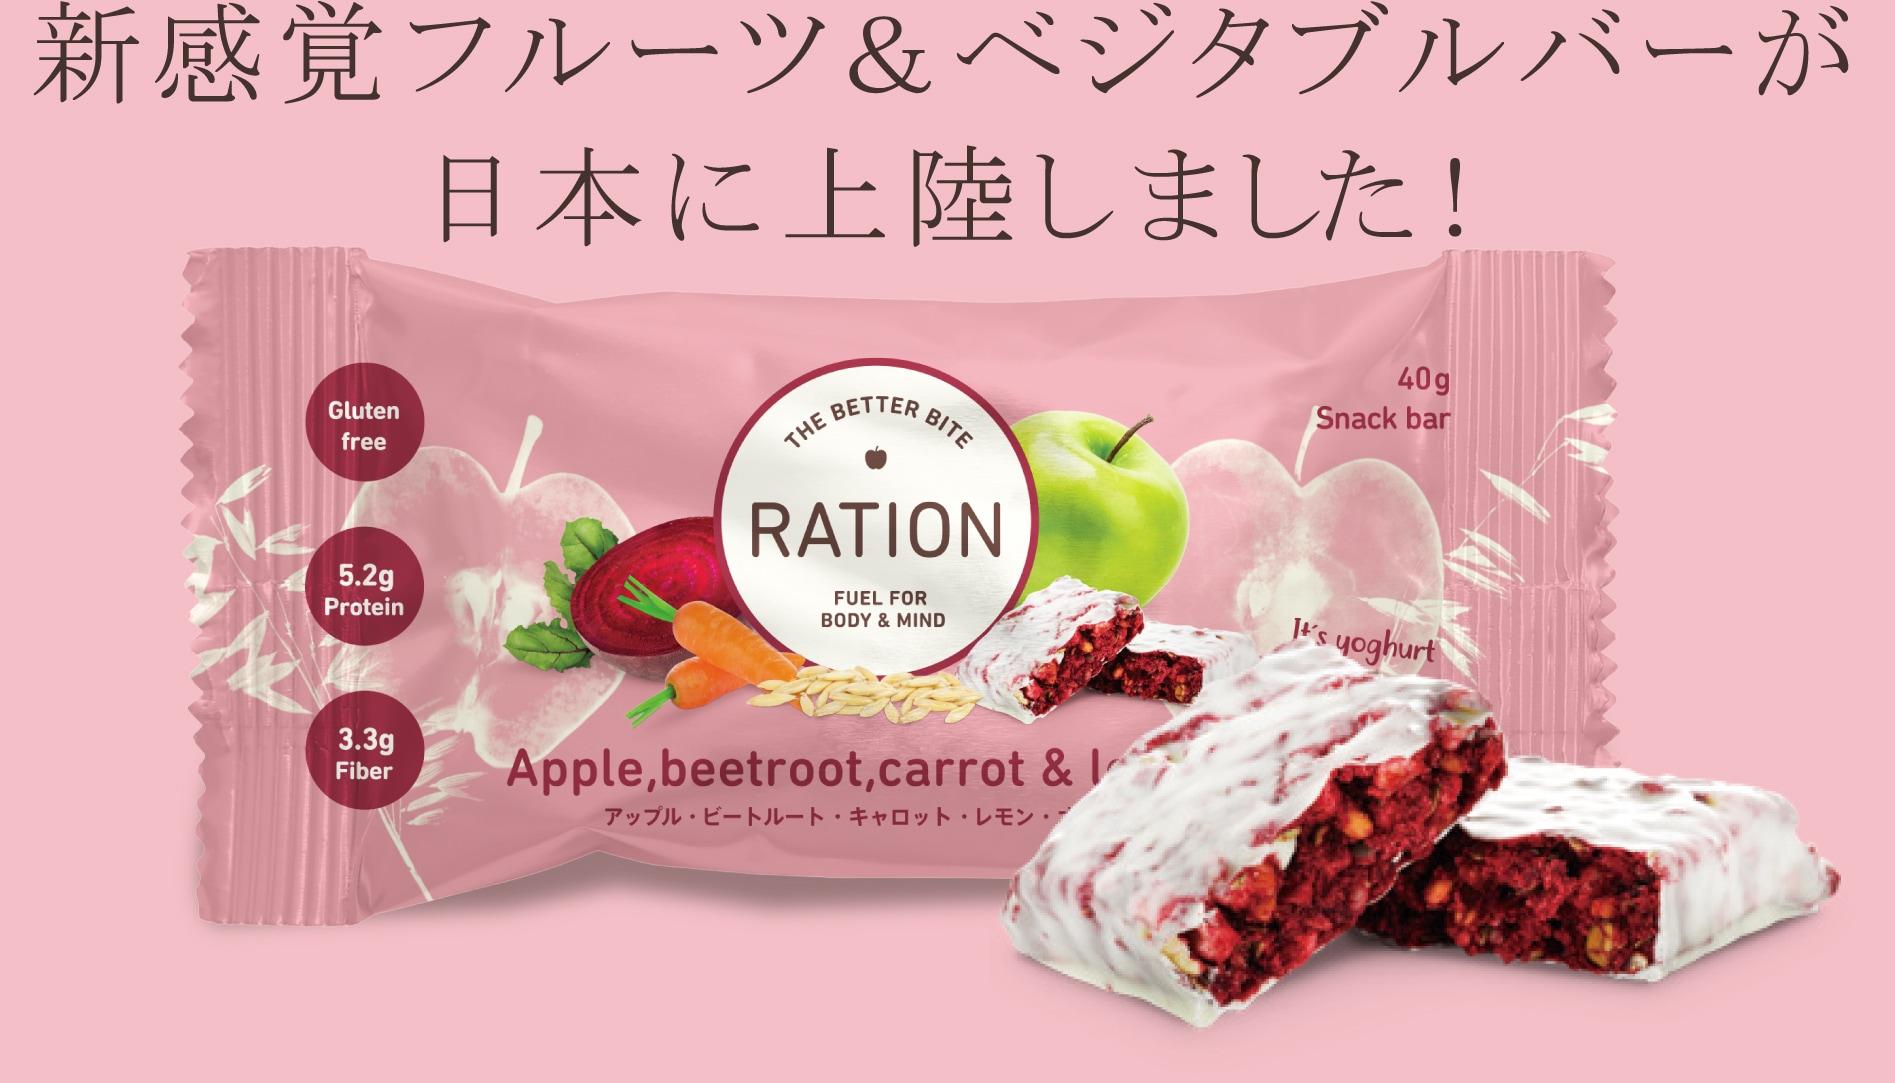 新感覚フルーツ&ベジタブルバーが日本に上陸します!